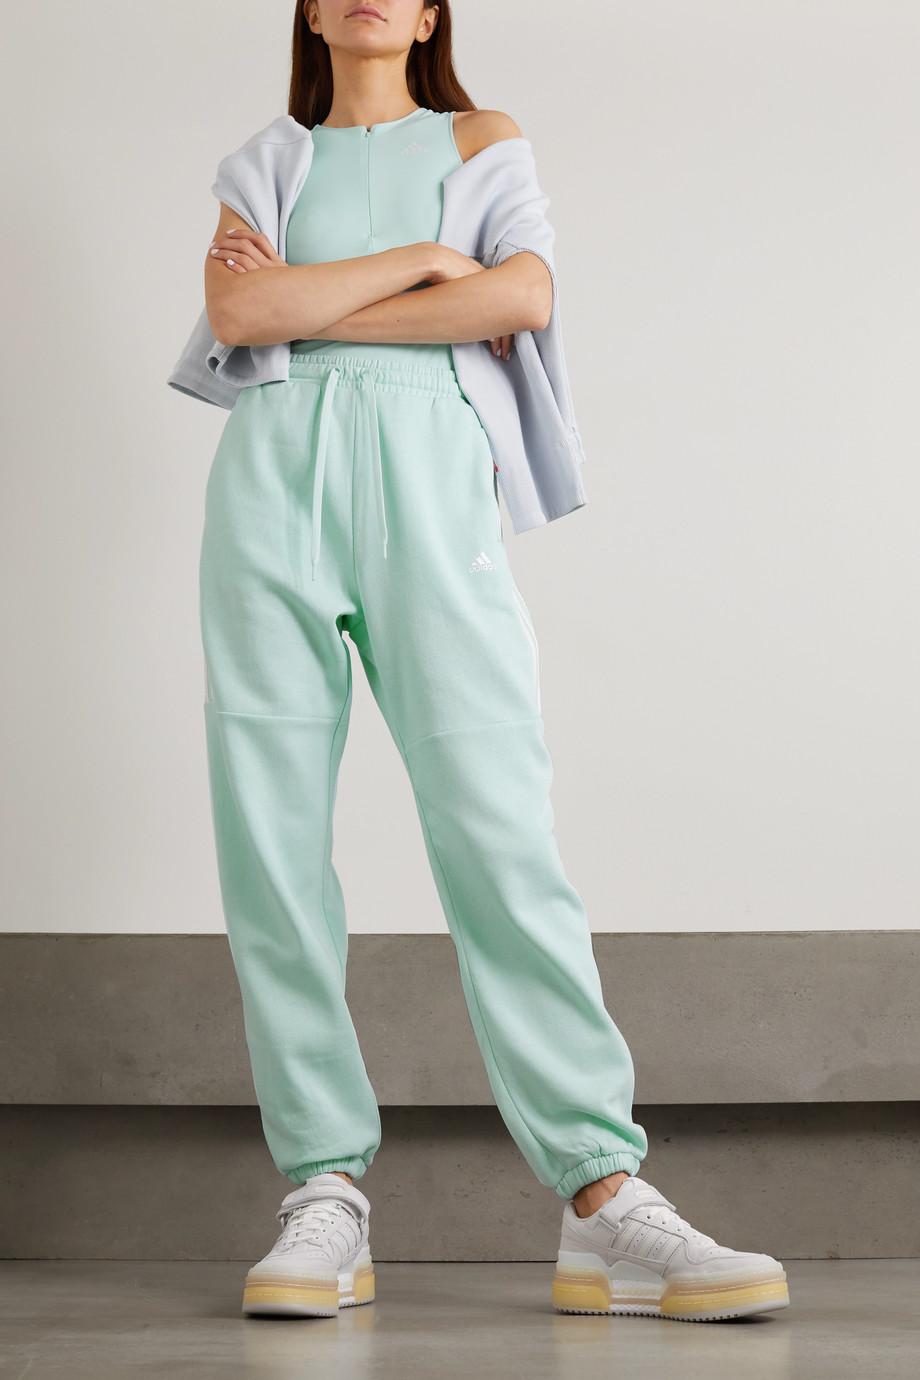 adidas Originals Jogginghose aus Jersey aus einer Baumwollmischung mit Streifen